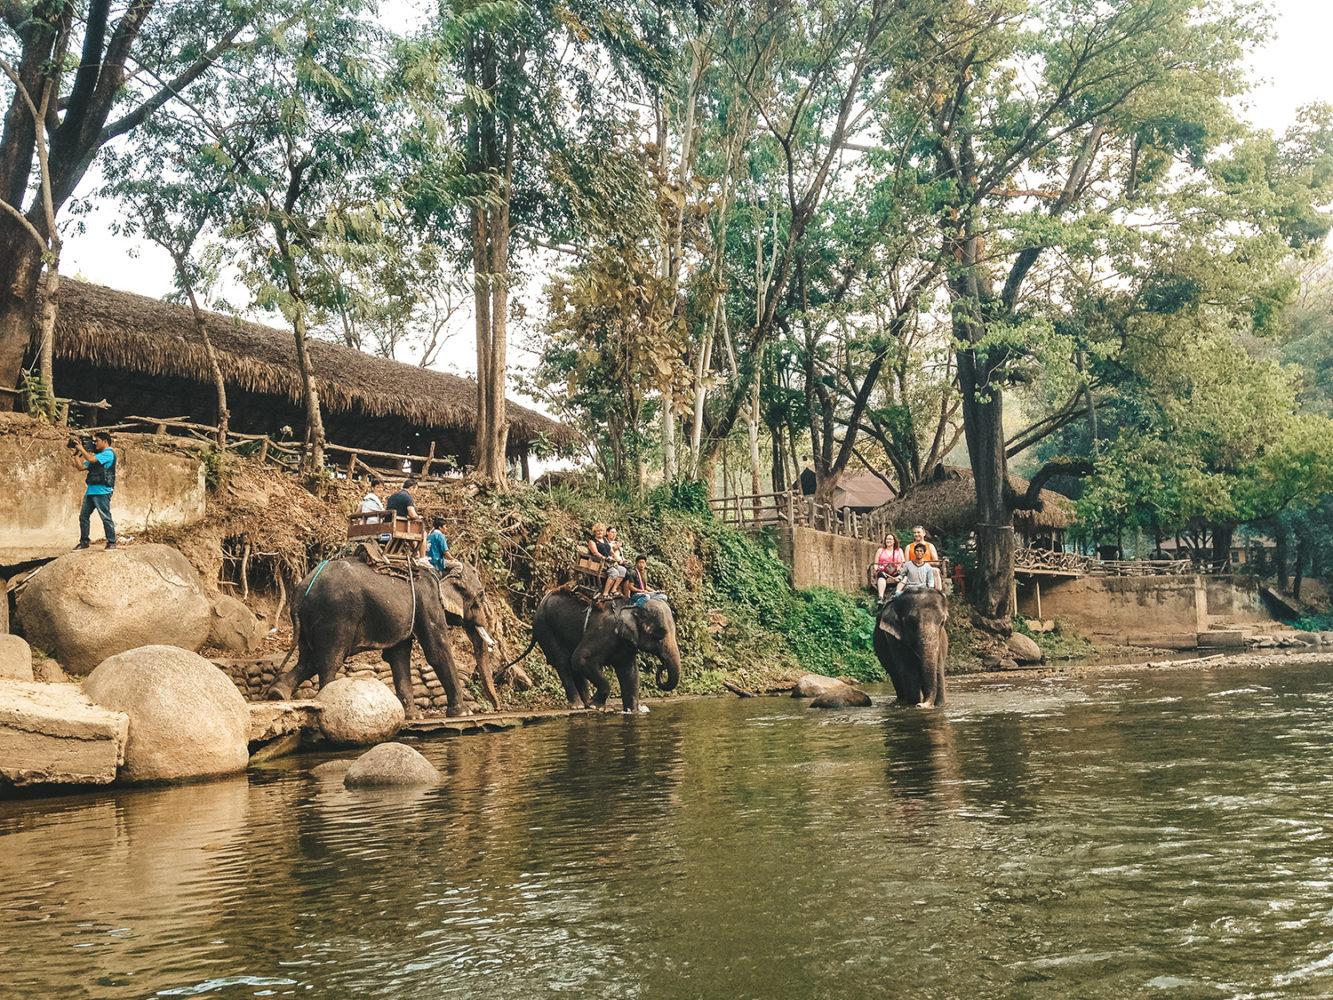 La fameuse balade à dos d'éléphant